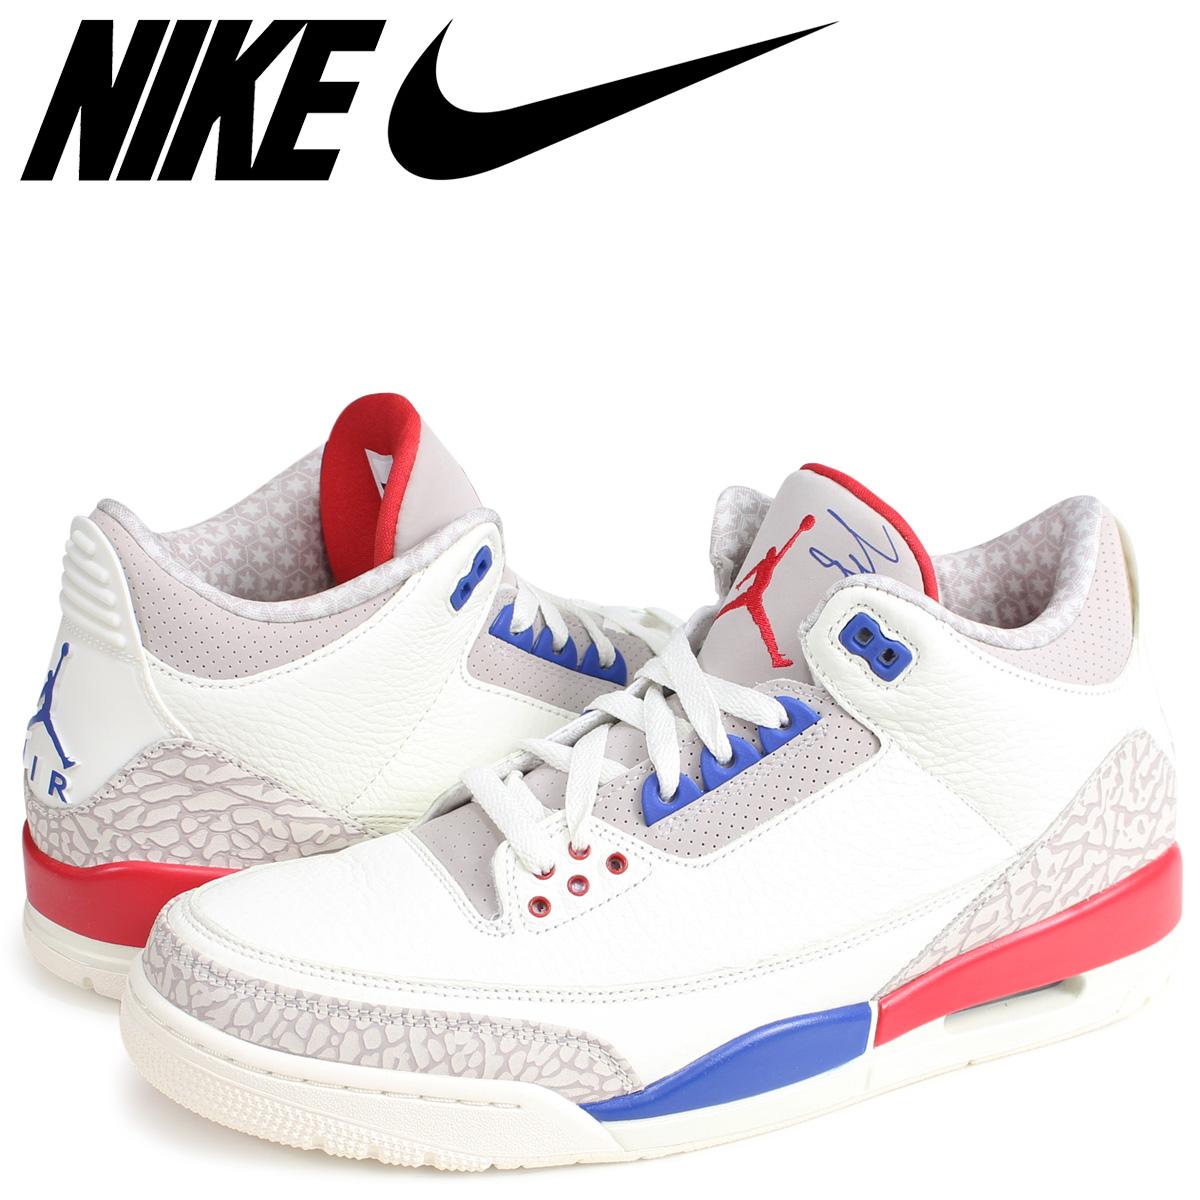 4886a6f1983c NIKE AIR JORDAN 3 RETRO CHARITY GAME Nike Air Jordan 3 nostalgic sneakers  men 136